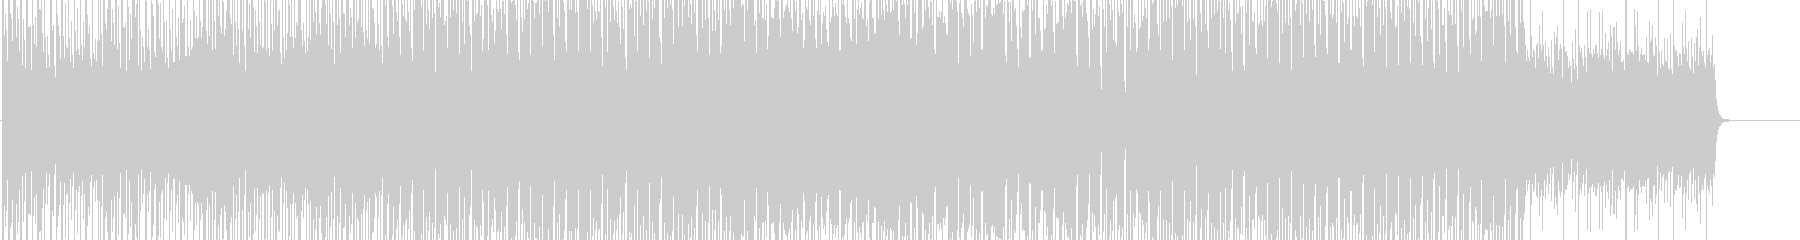 和風のエレクトロニカBGMの未再生の波形